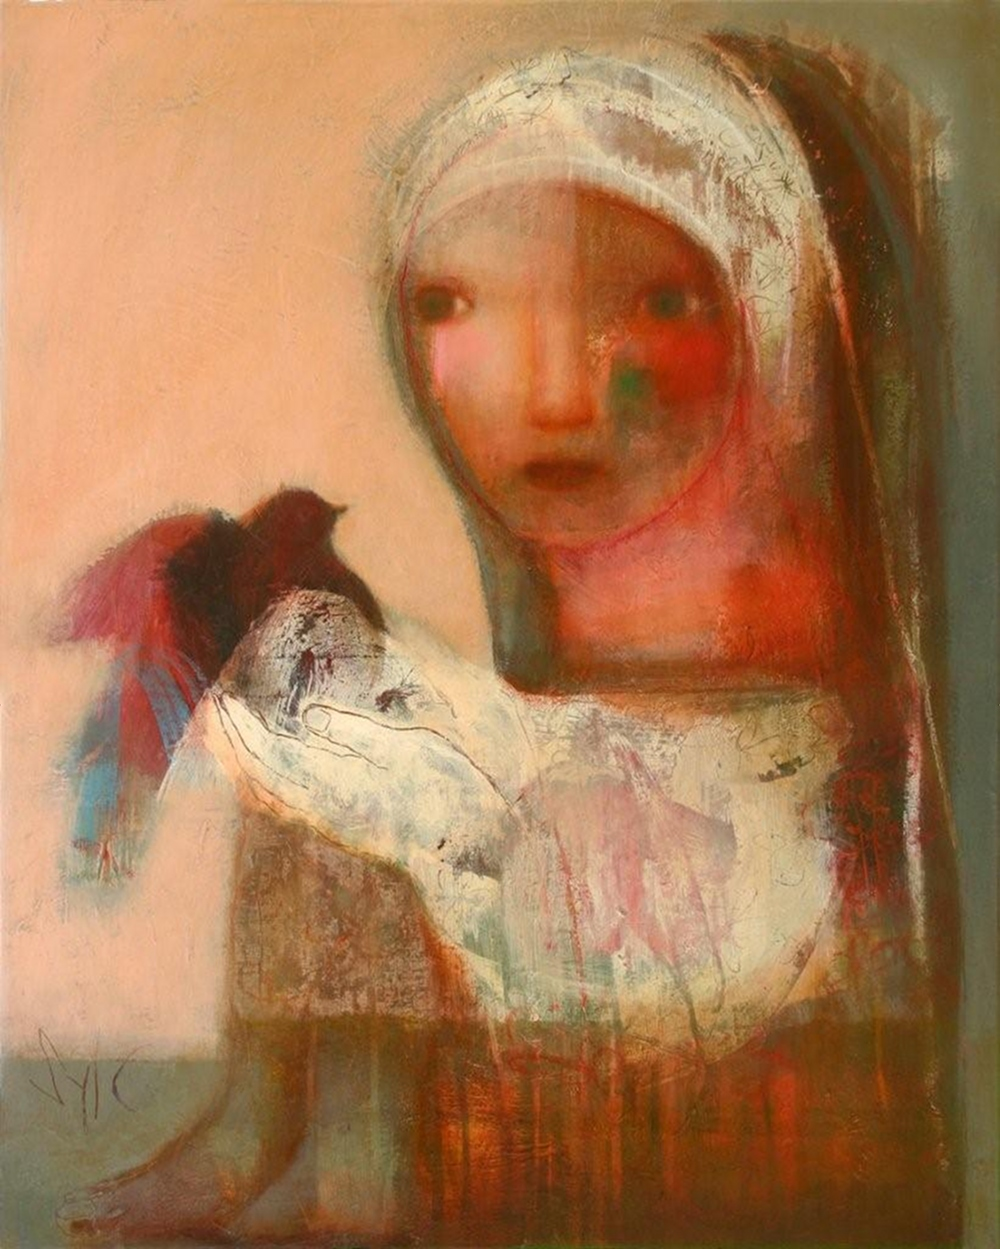 La prophétie de l'oiseau, technique mixte sur toile (81 x 65 cm)